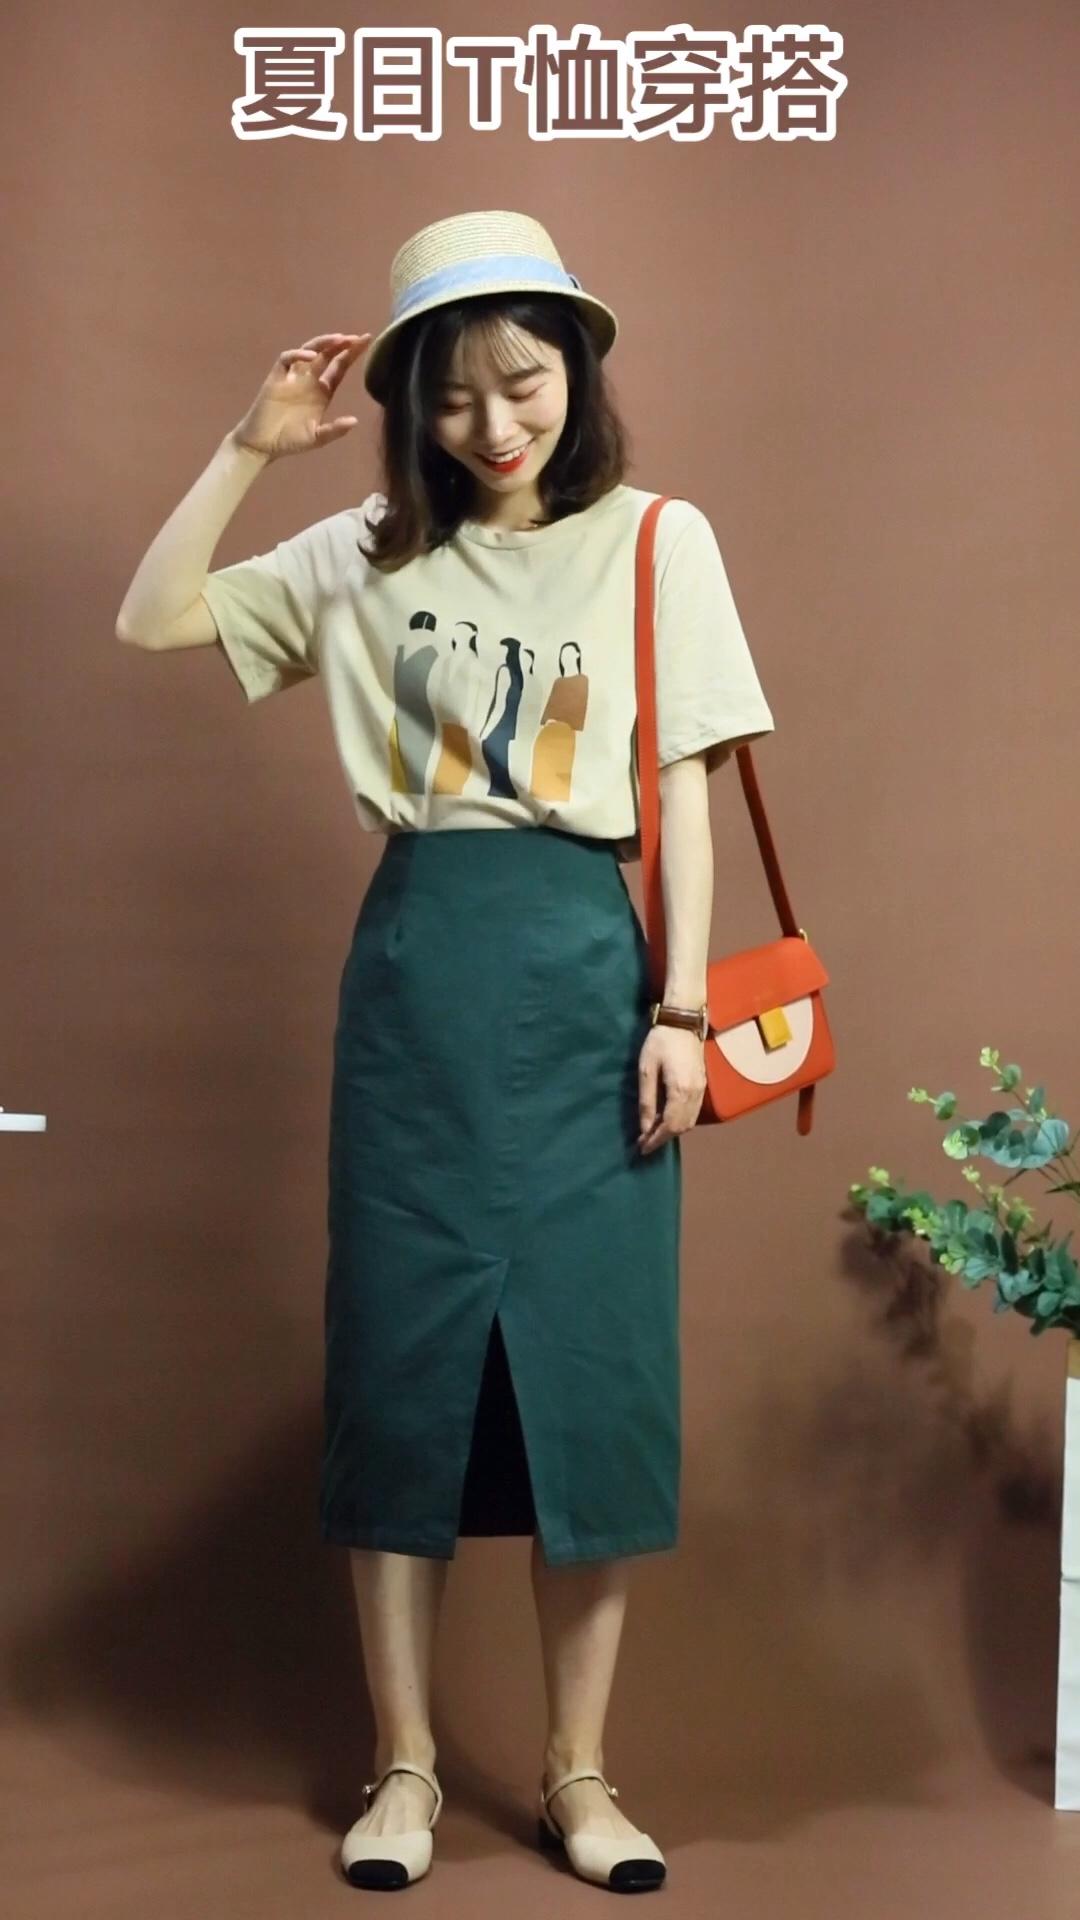 #今年的T恤怎么这么好看?!# 浅卡其色印花t夏天很好搭 胸前的图案也很特别 墨绿色开衩半身裙是棉布的材质 夏天穿很舒服